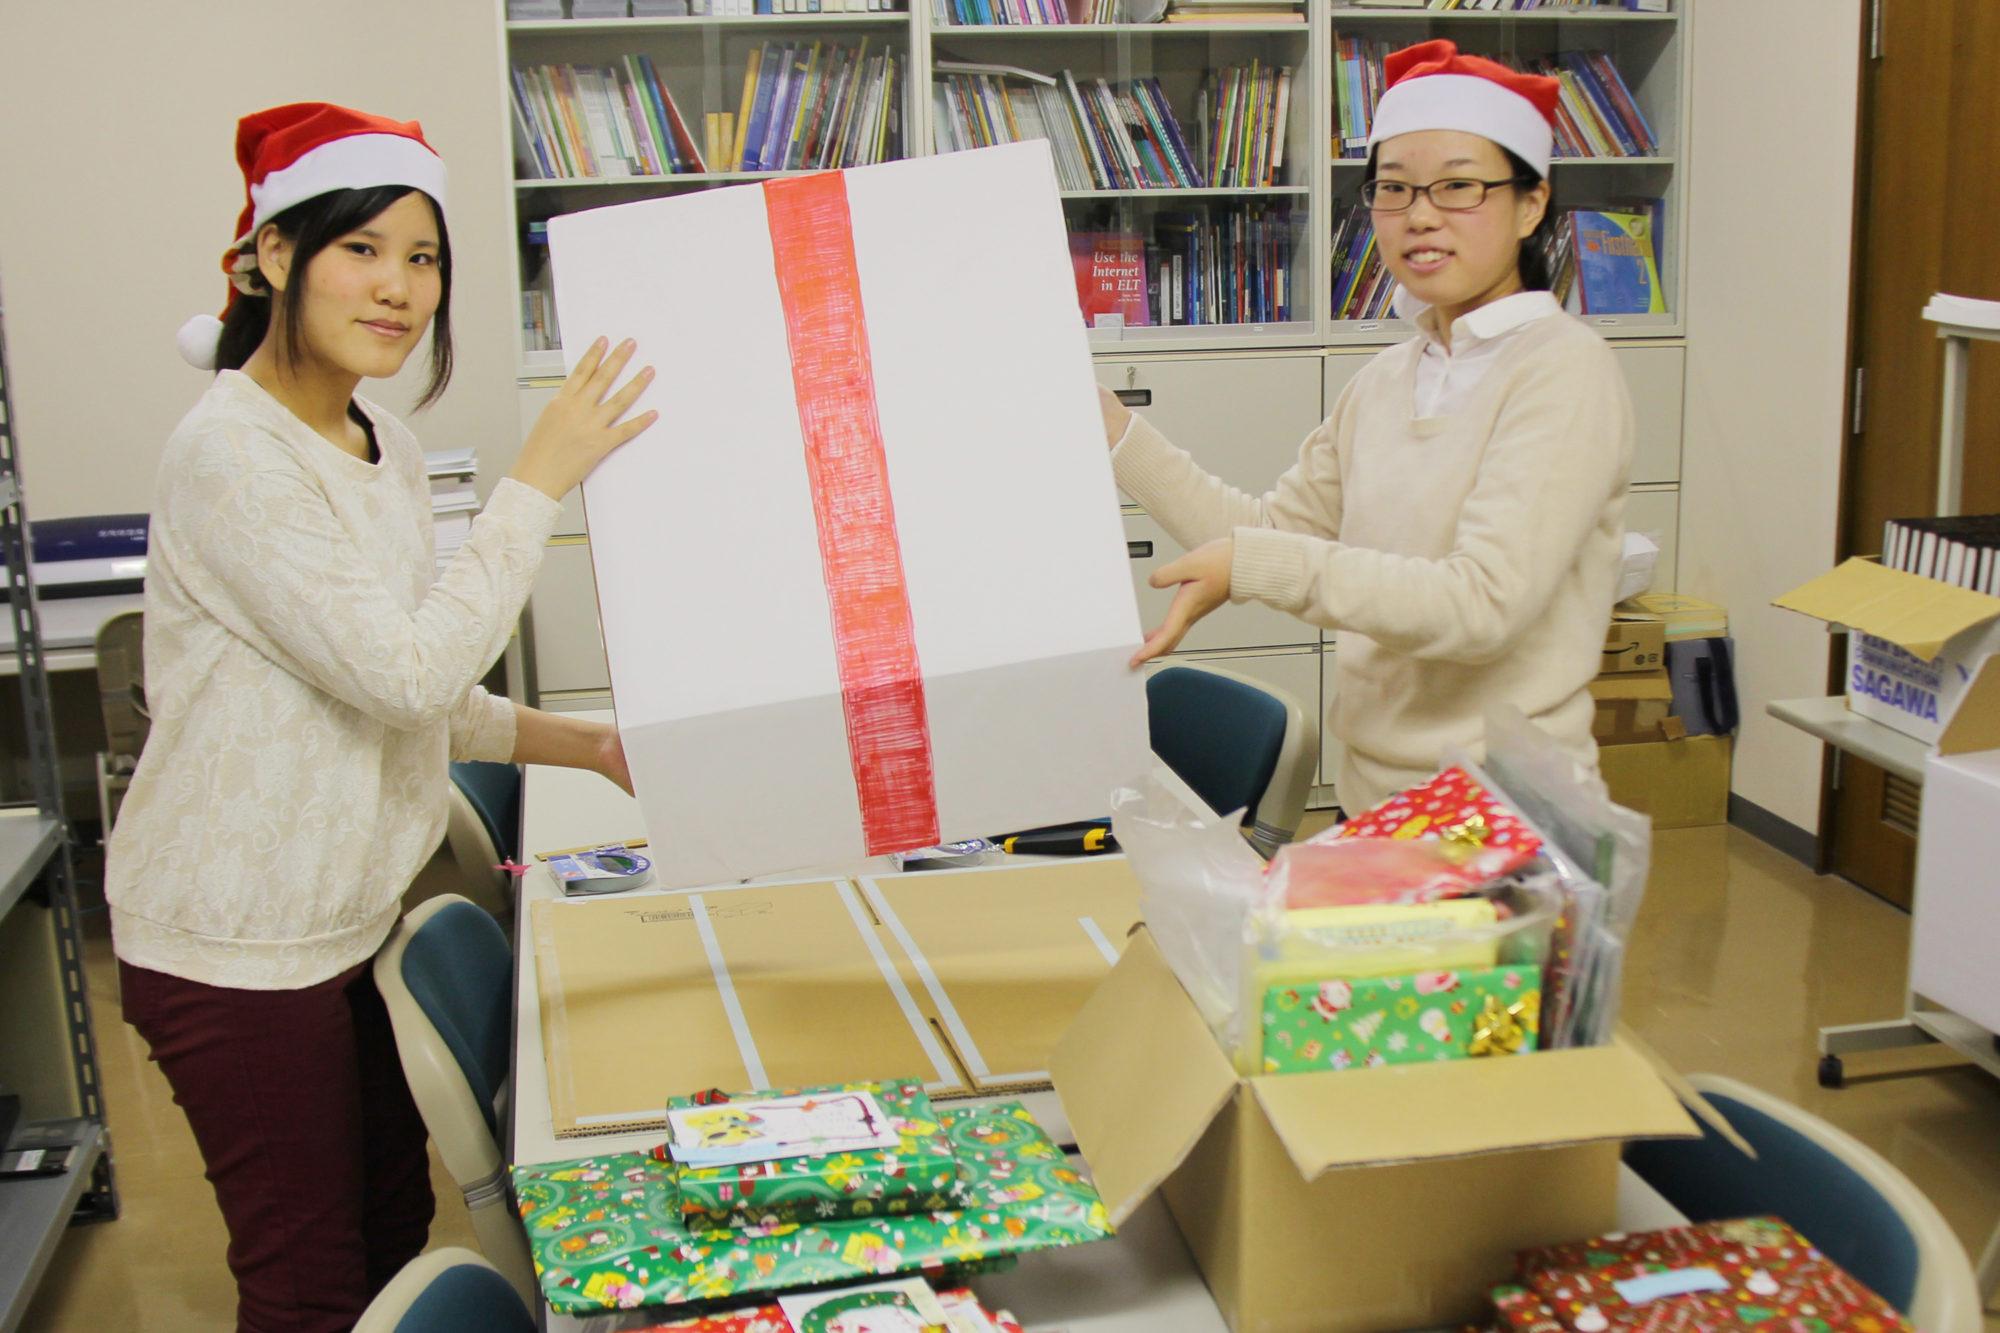 病院で過ごす子どもたちに本のプレゼント、サンタ・プロジェクト・しばた開催中!